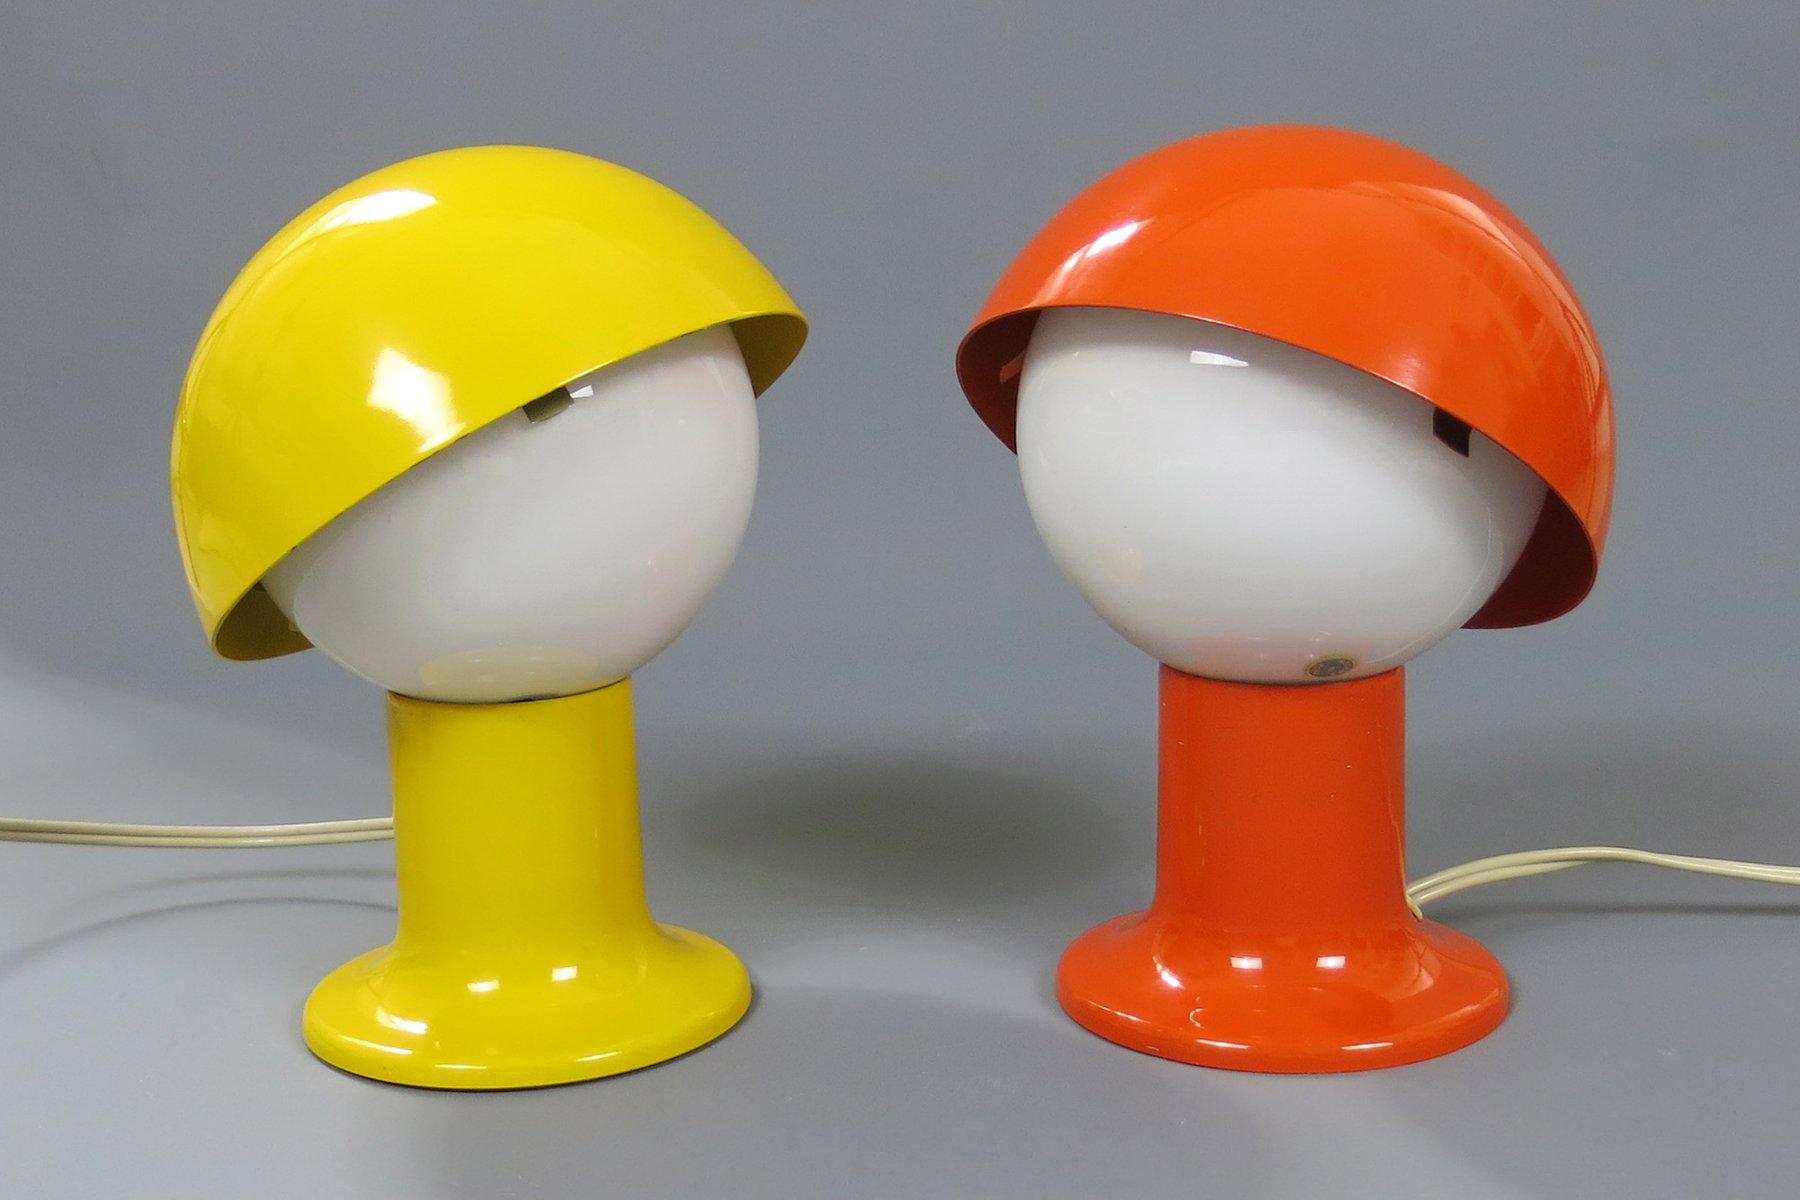 nachttischlampen in orange gelb von sven aage holm s rensen 2er set bei pamono kaufen. Black Bedroom Furniture Sets. Home Design Ideas